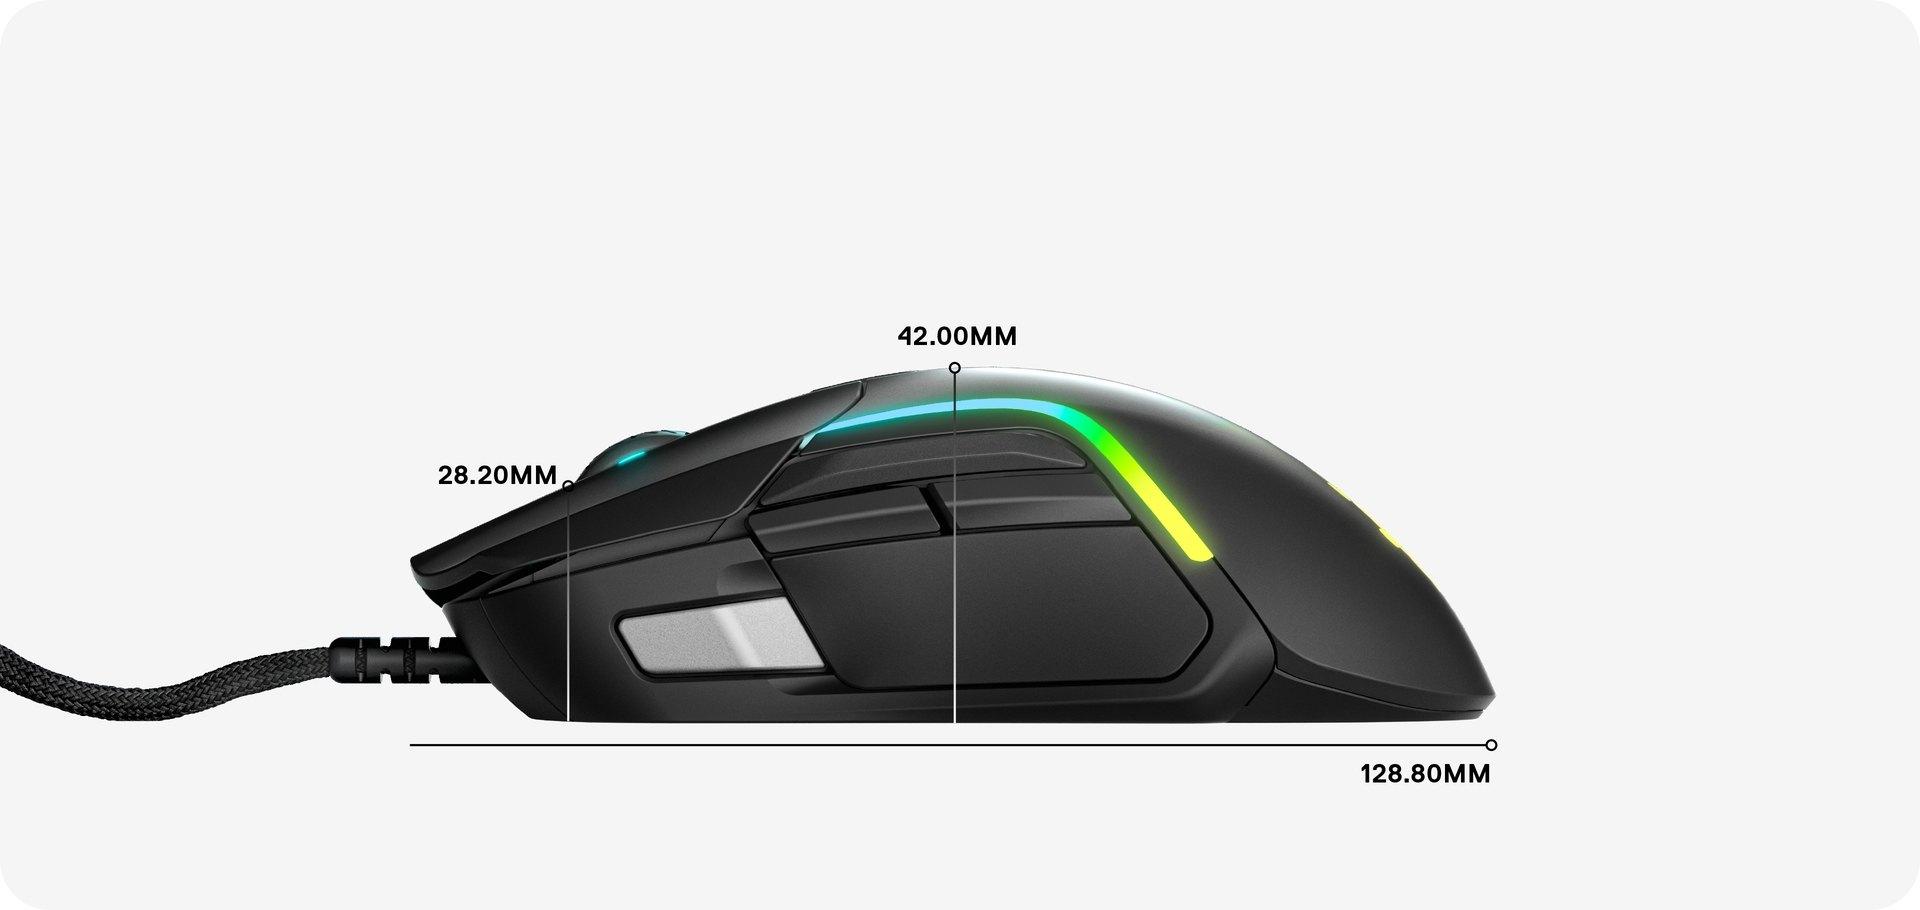 Rival 5 滑鼠側面展示圖,以顯示側面尺寸